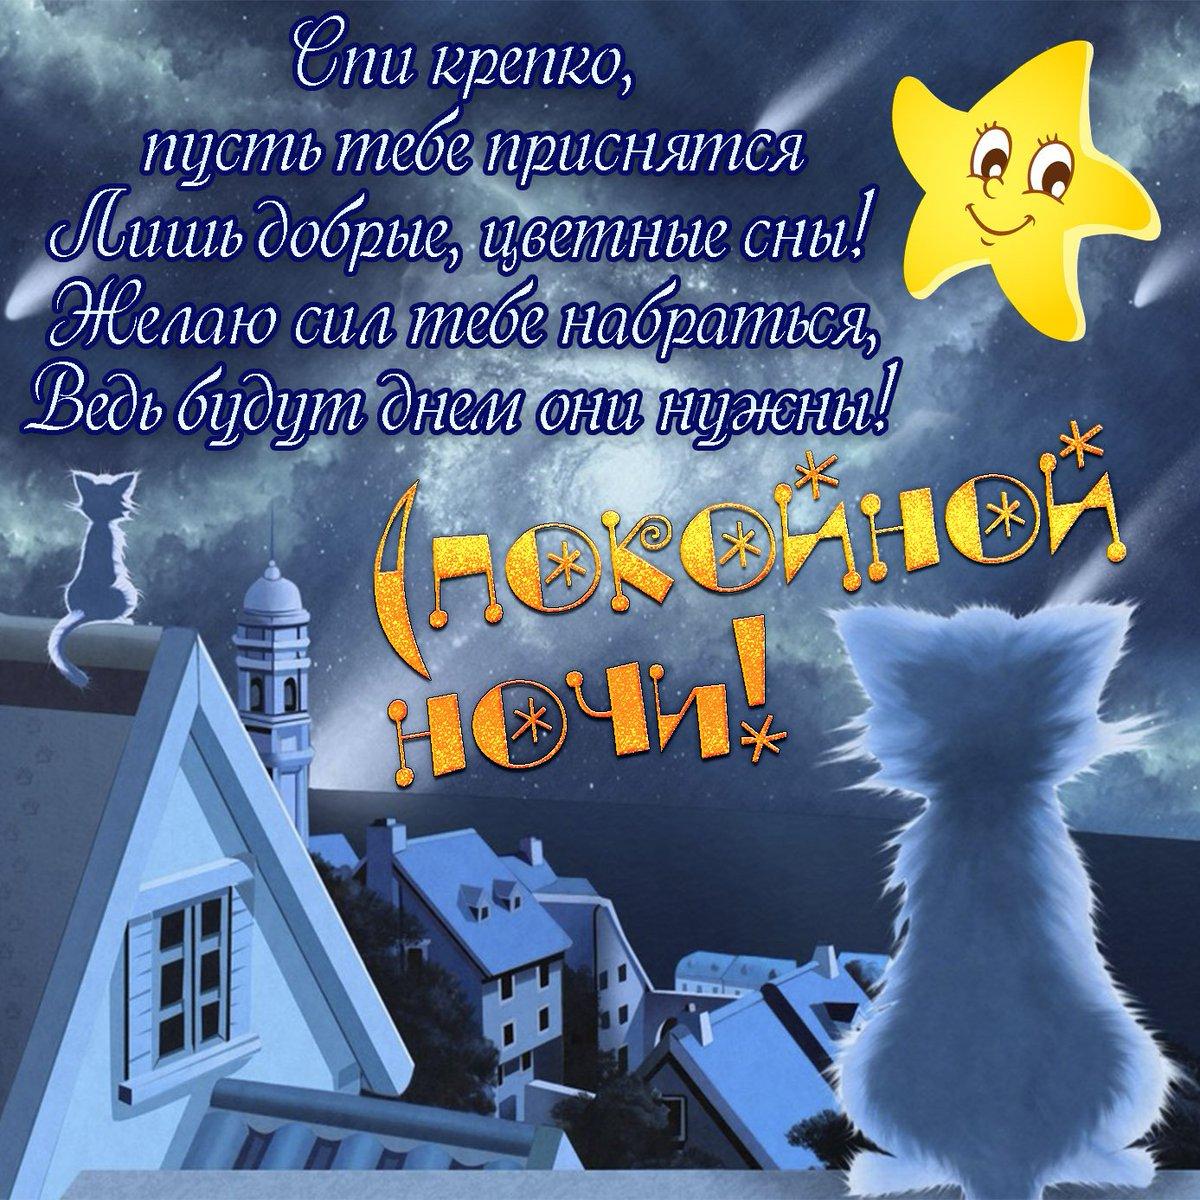 Стихами малышах, открытки ночная москва и слова доброй ночи